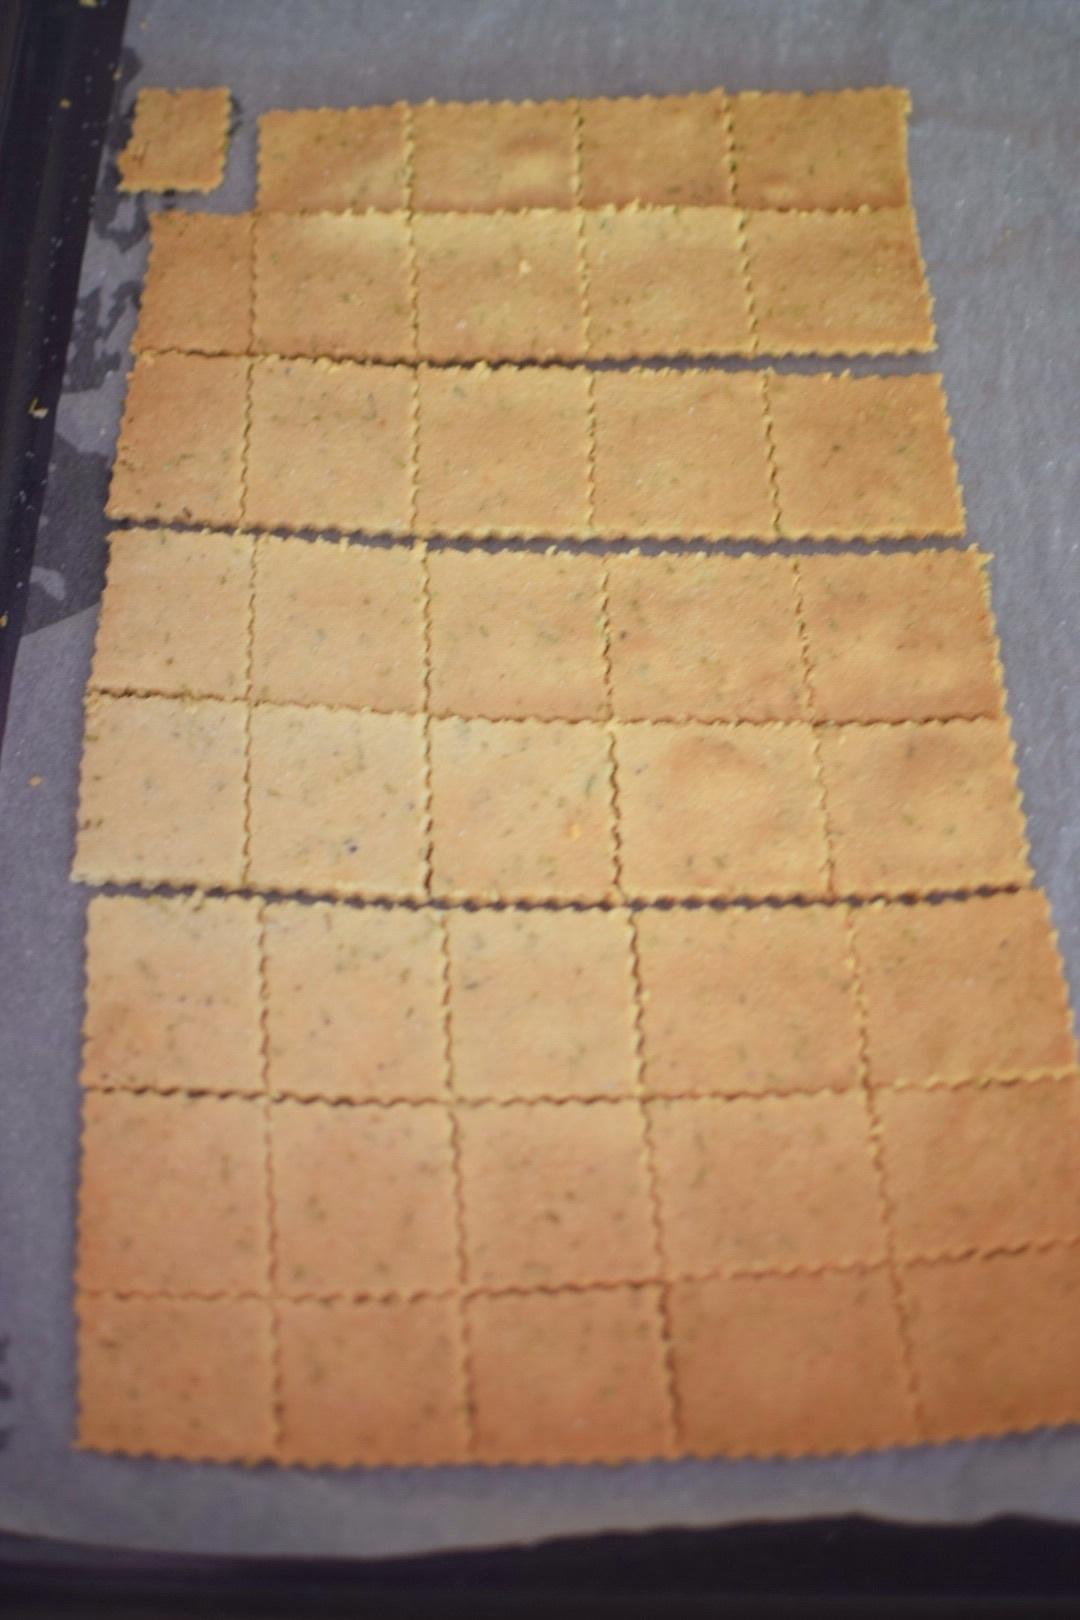 4. dát péct celý plát sušenek, oddělit po upečení